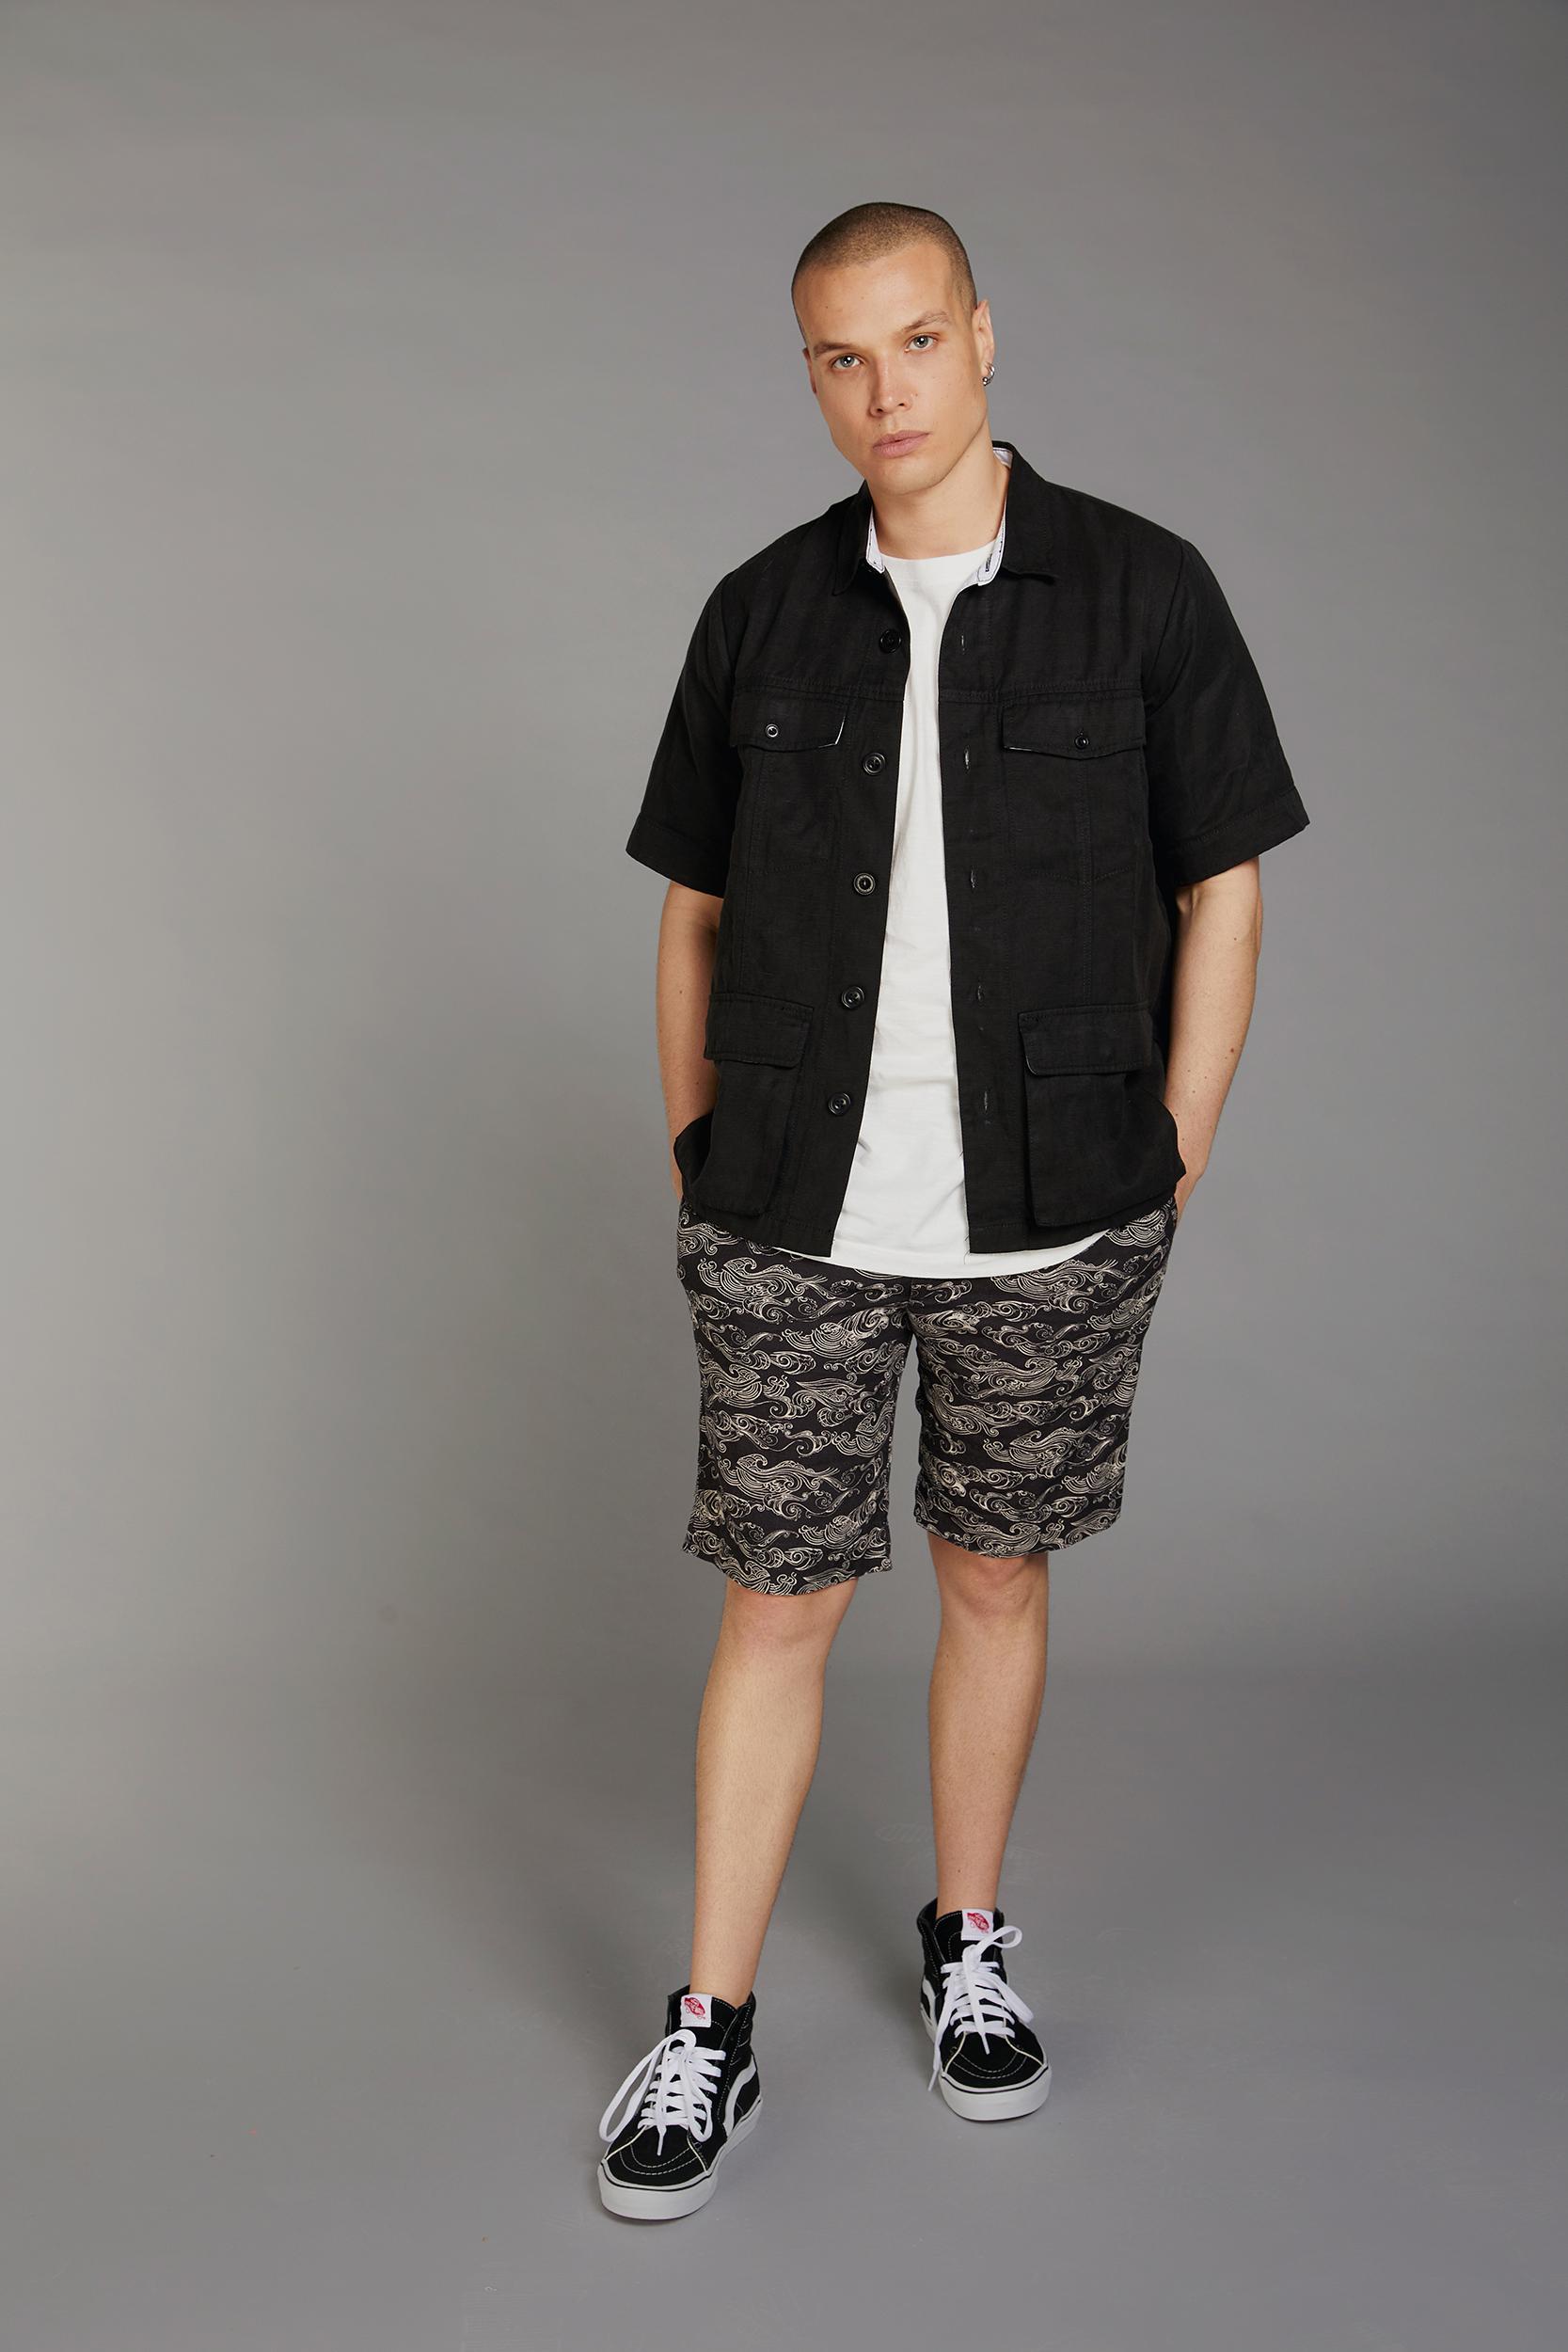 TEMPLE shirt ink - BOBBY shorts uluwatu